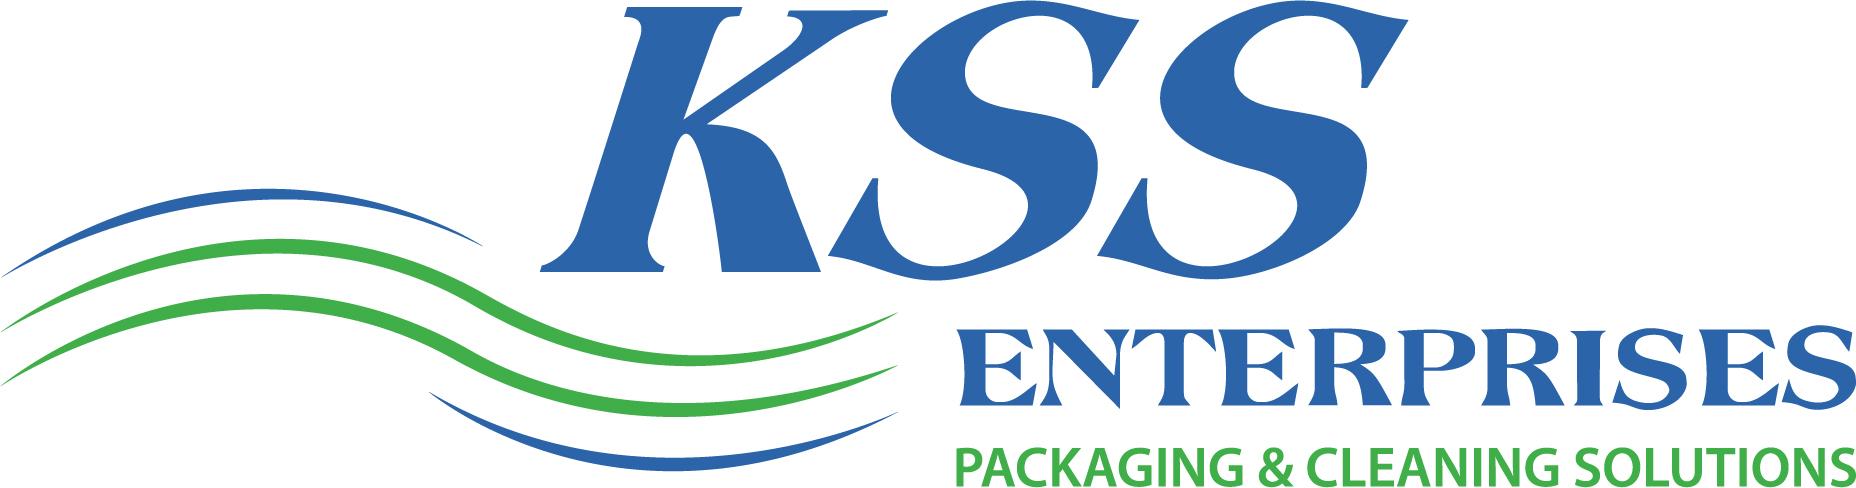 KSS Enterprises logo